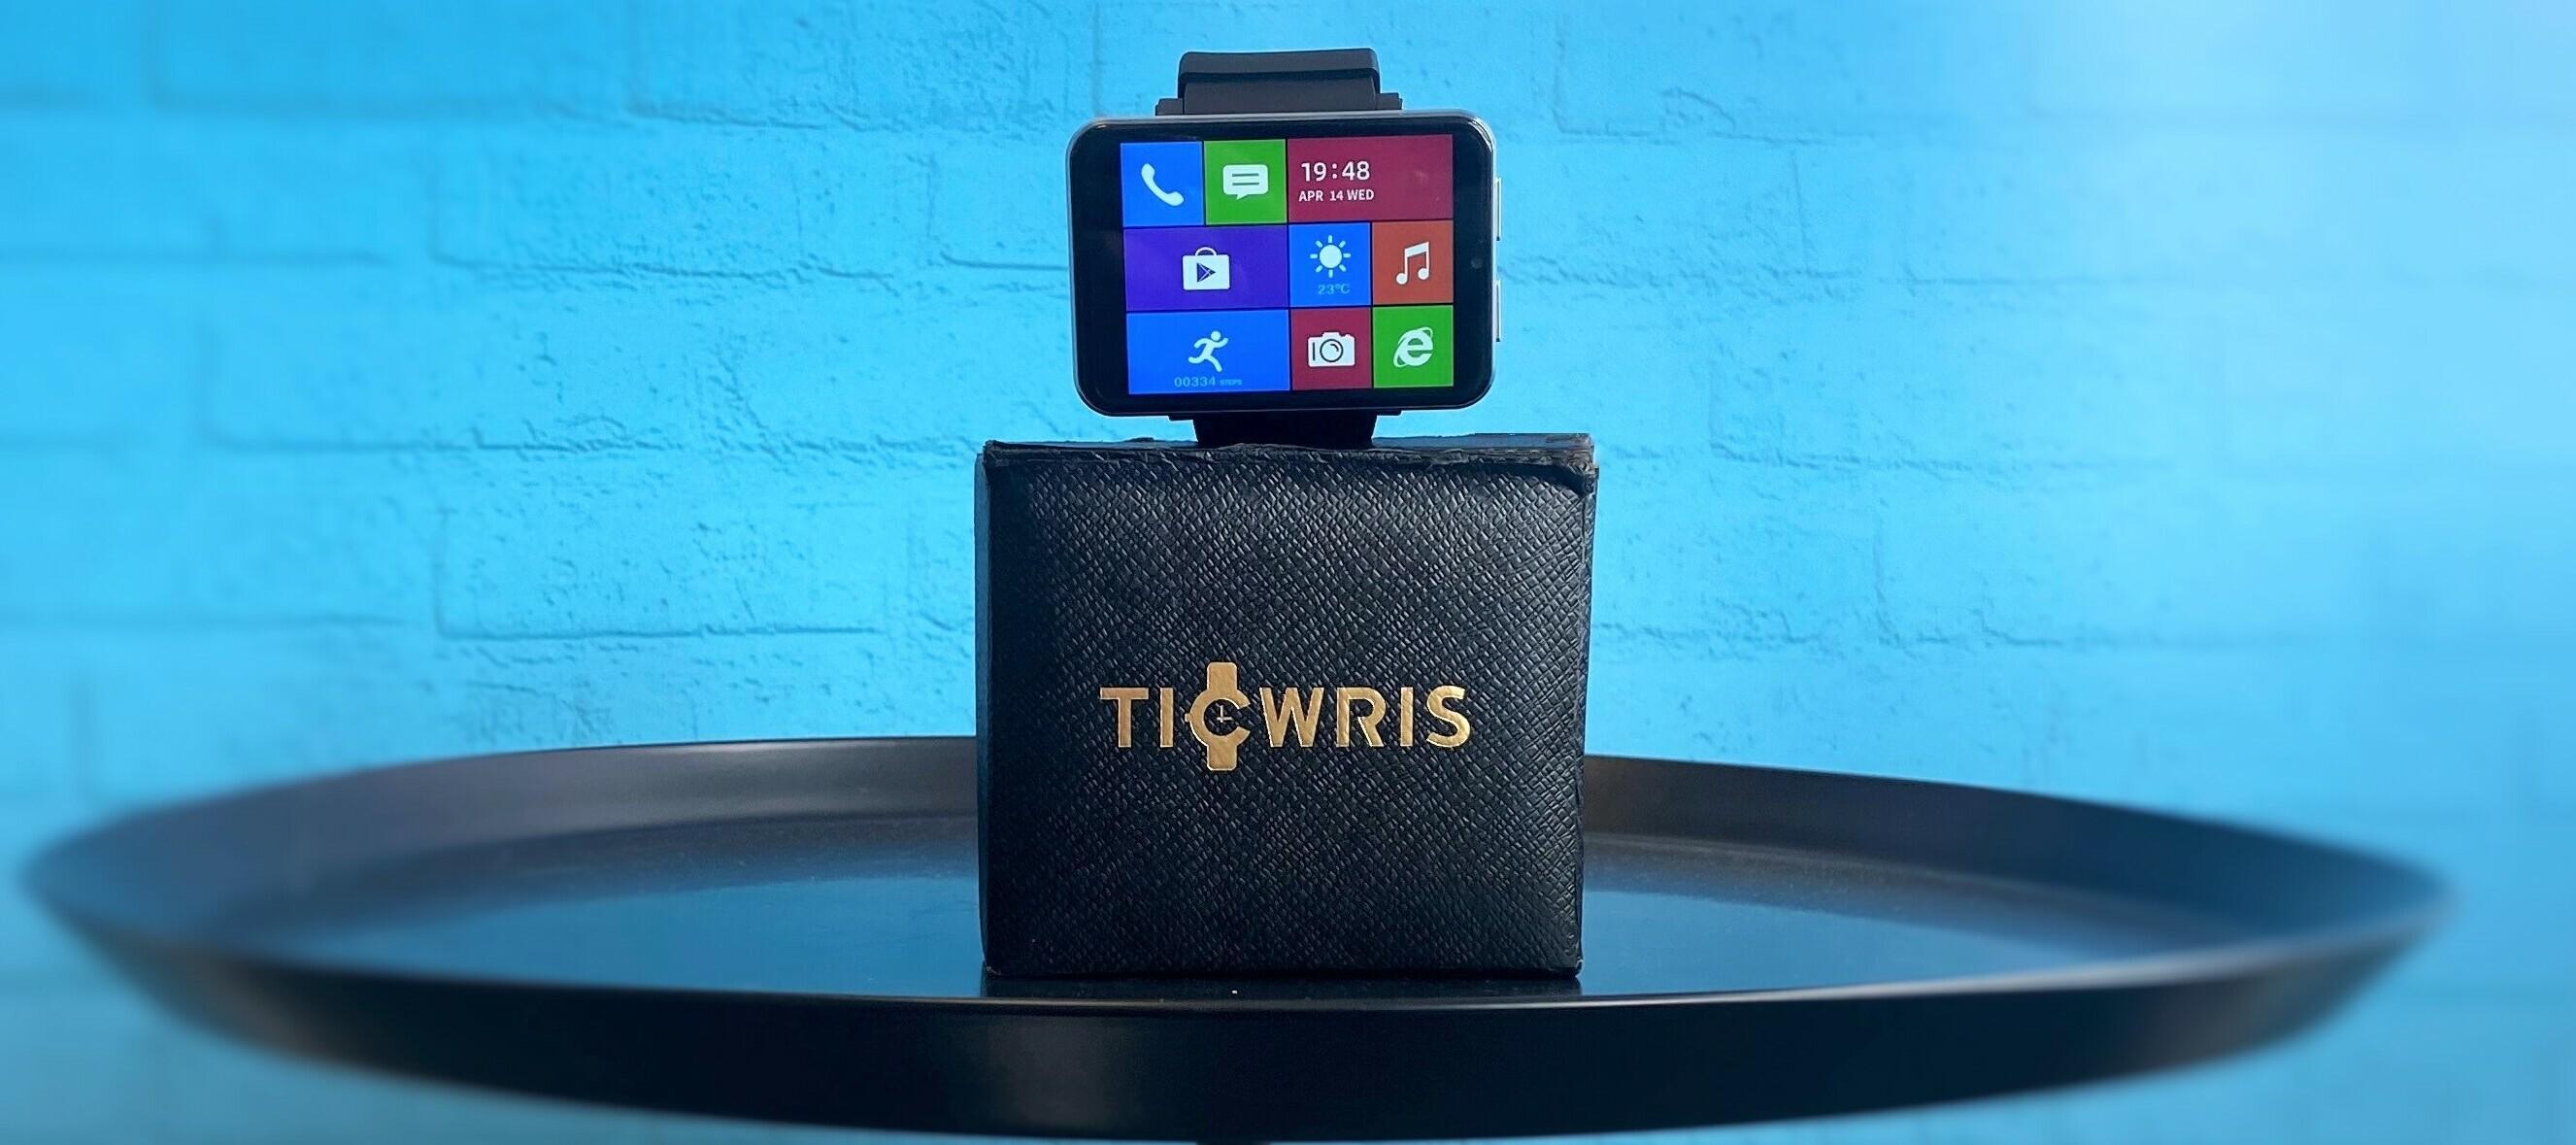 Ticwris Max 4G Testgerät - die größte Smartwatch an deinem Handgelenk.